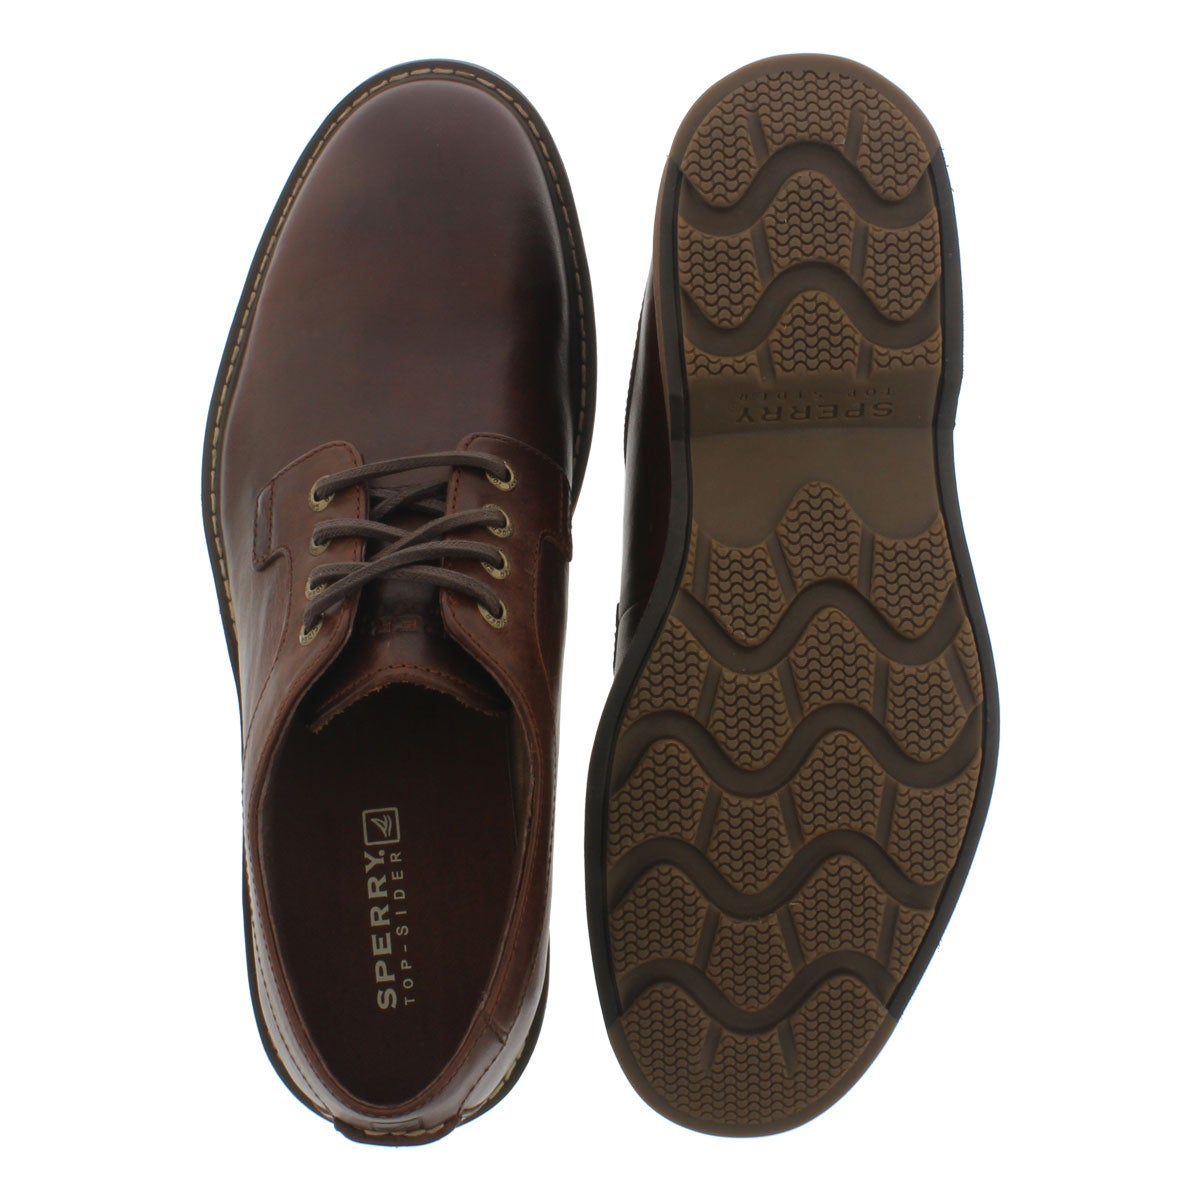 Mns Commander tan lace-up shoe